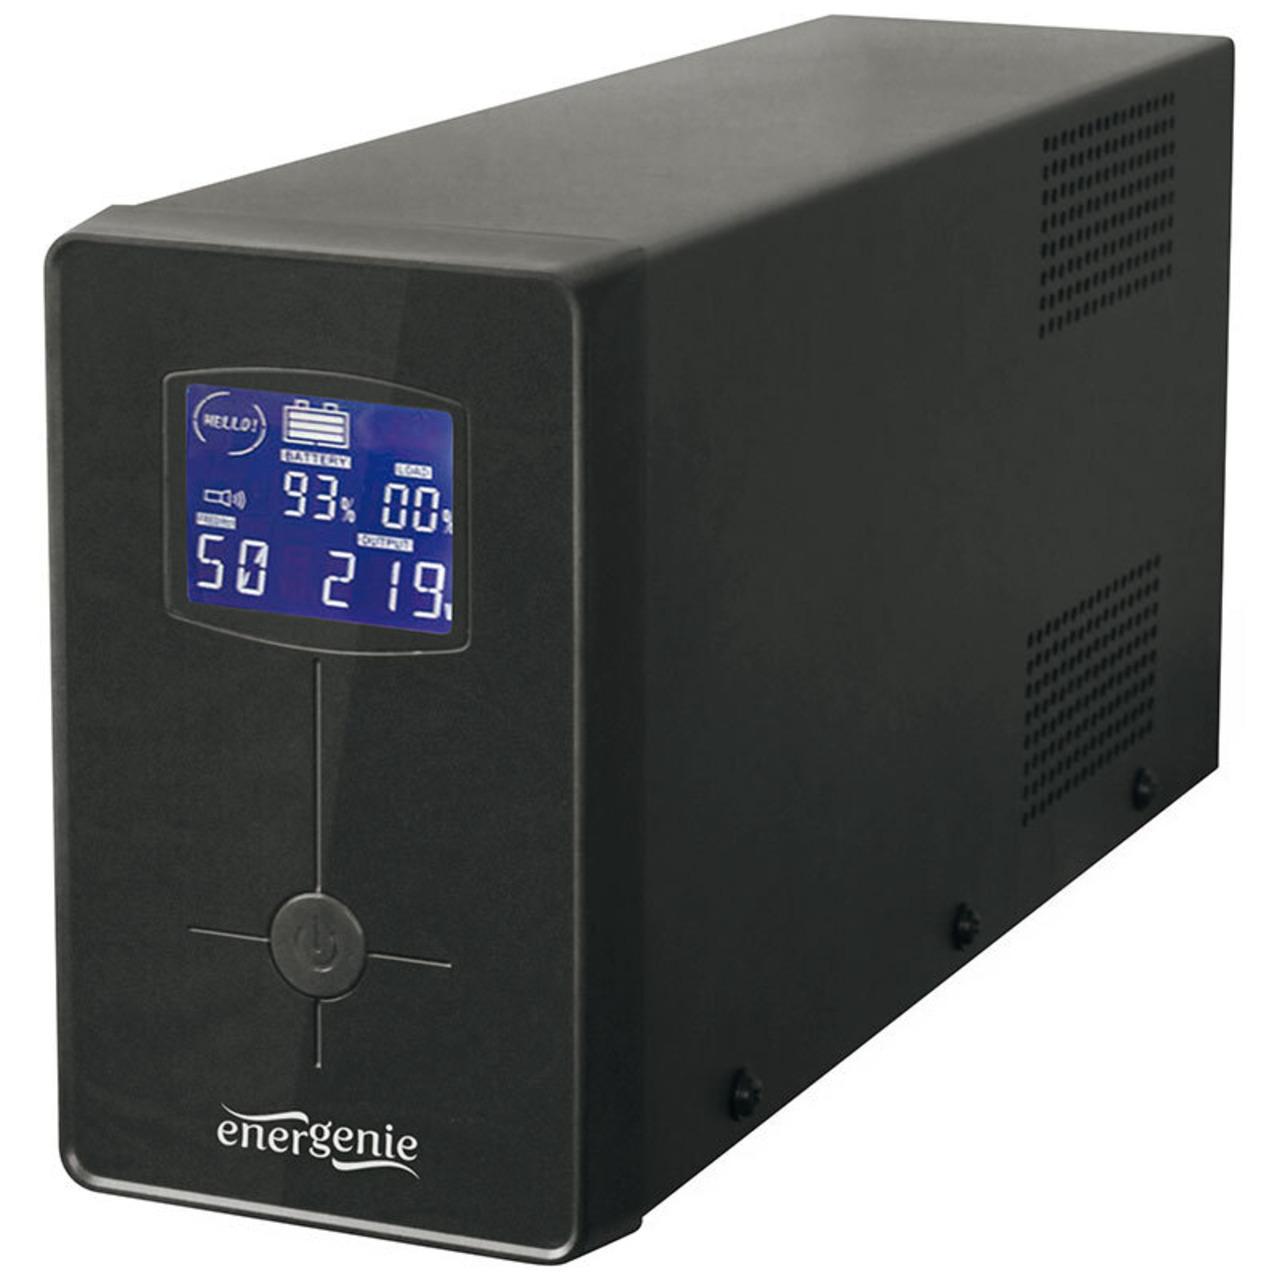 Energenie USV-Anlage mit LCD Anzeige-1200 VA- schwarz